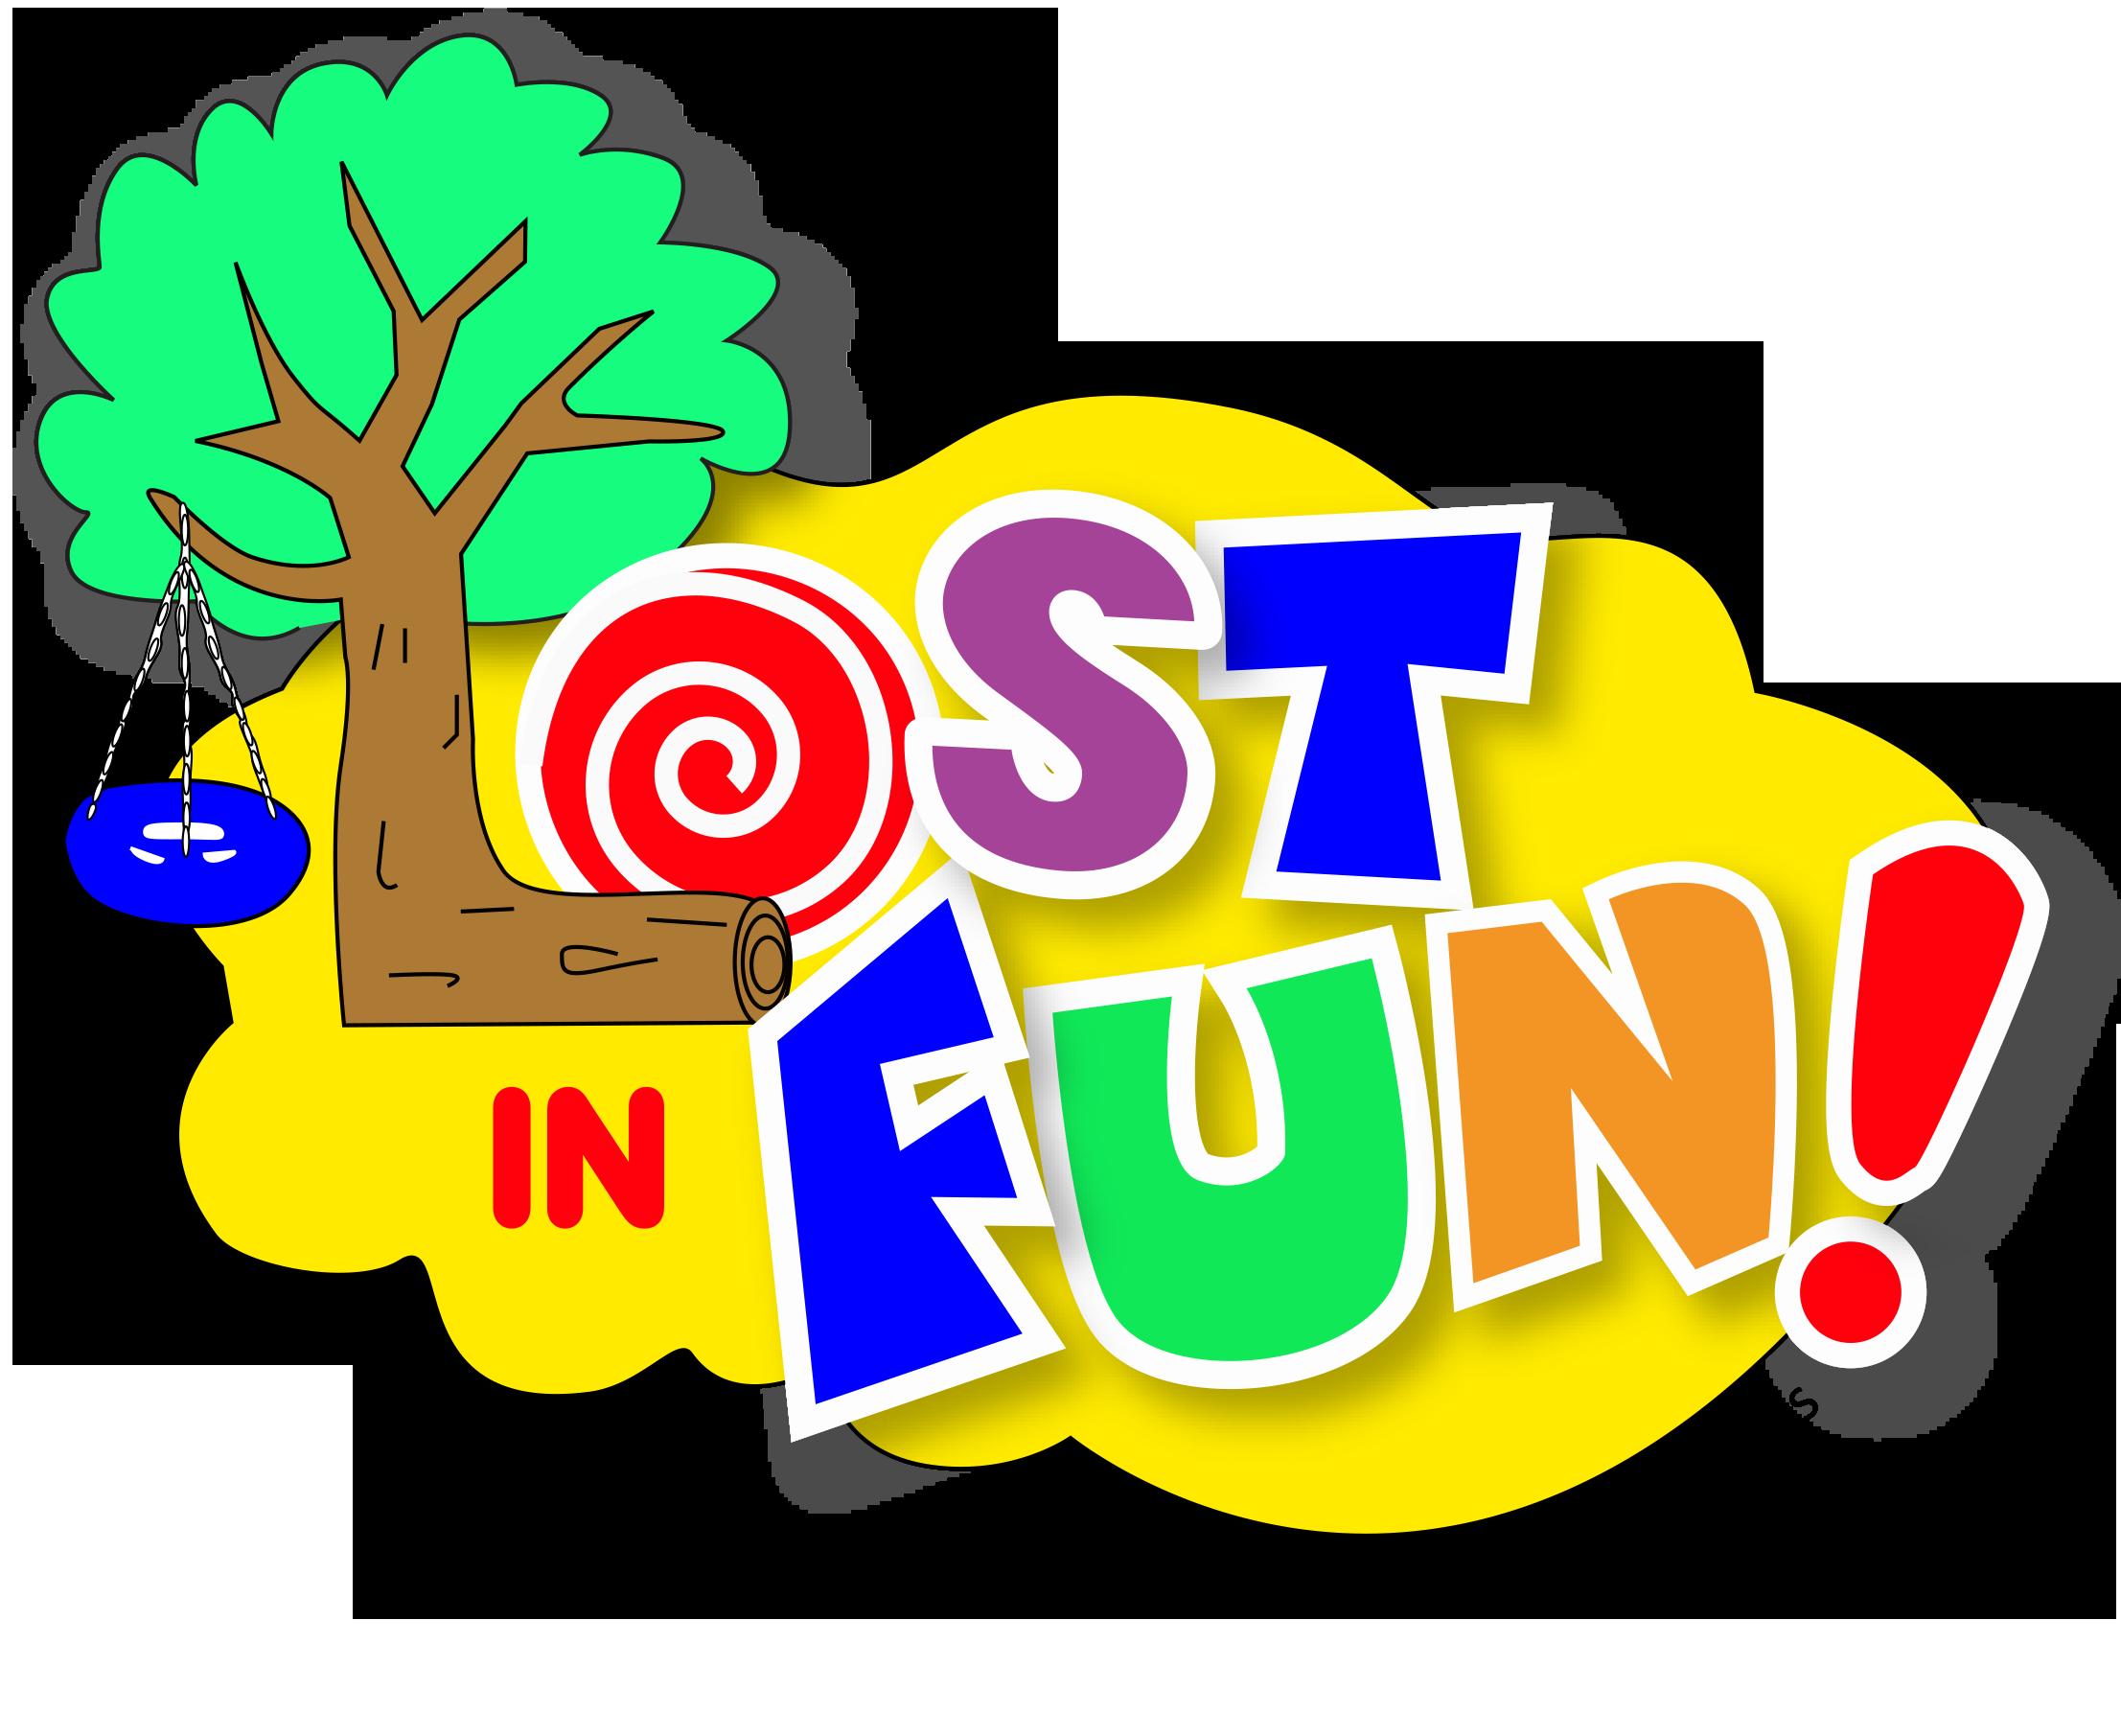 Lost In Fun!